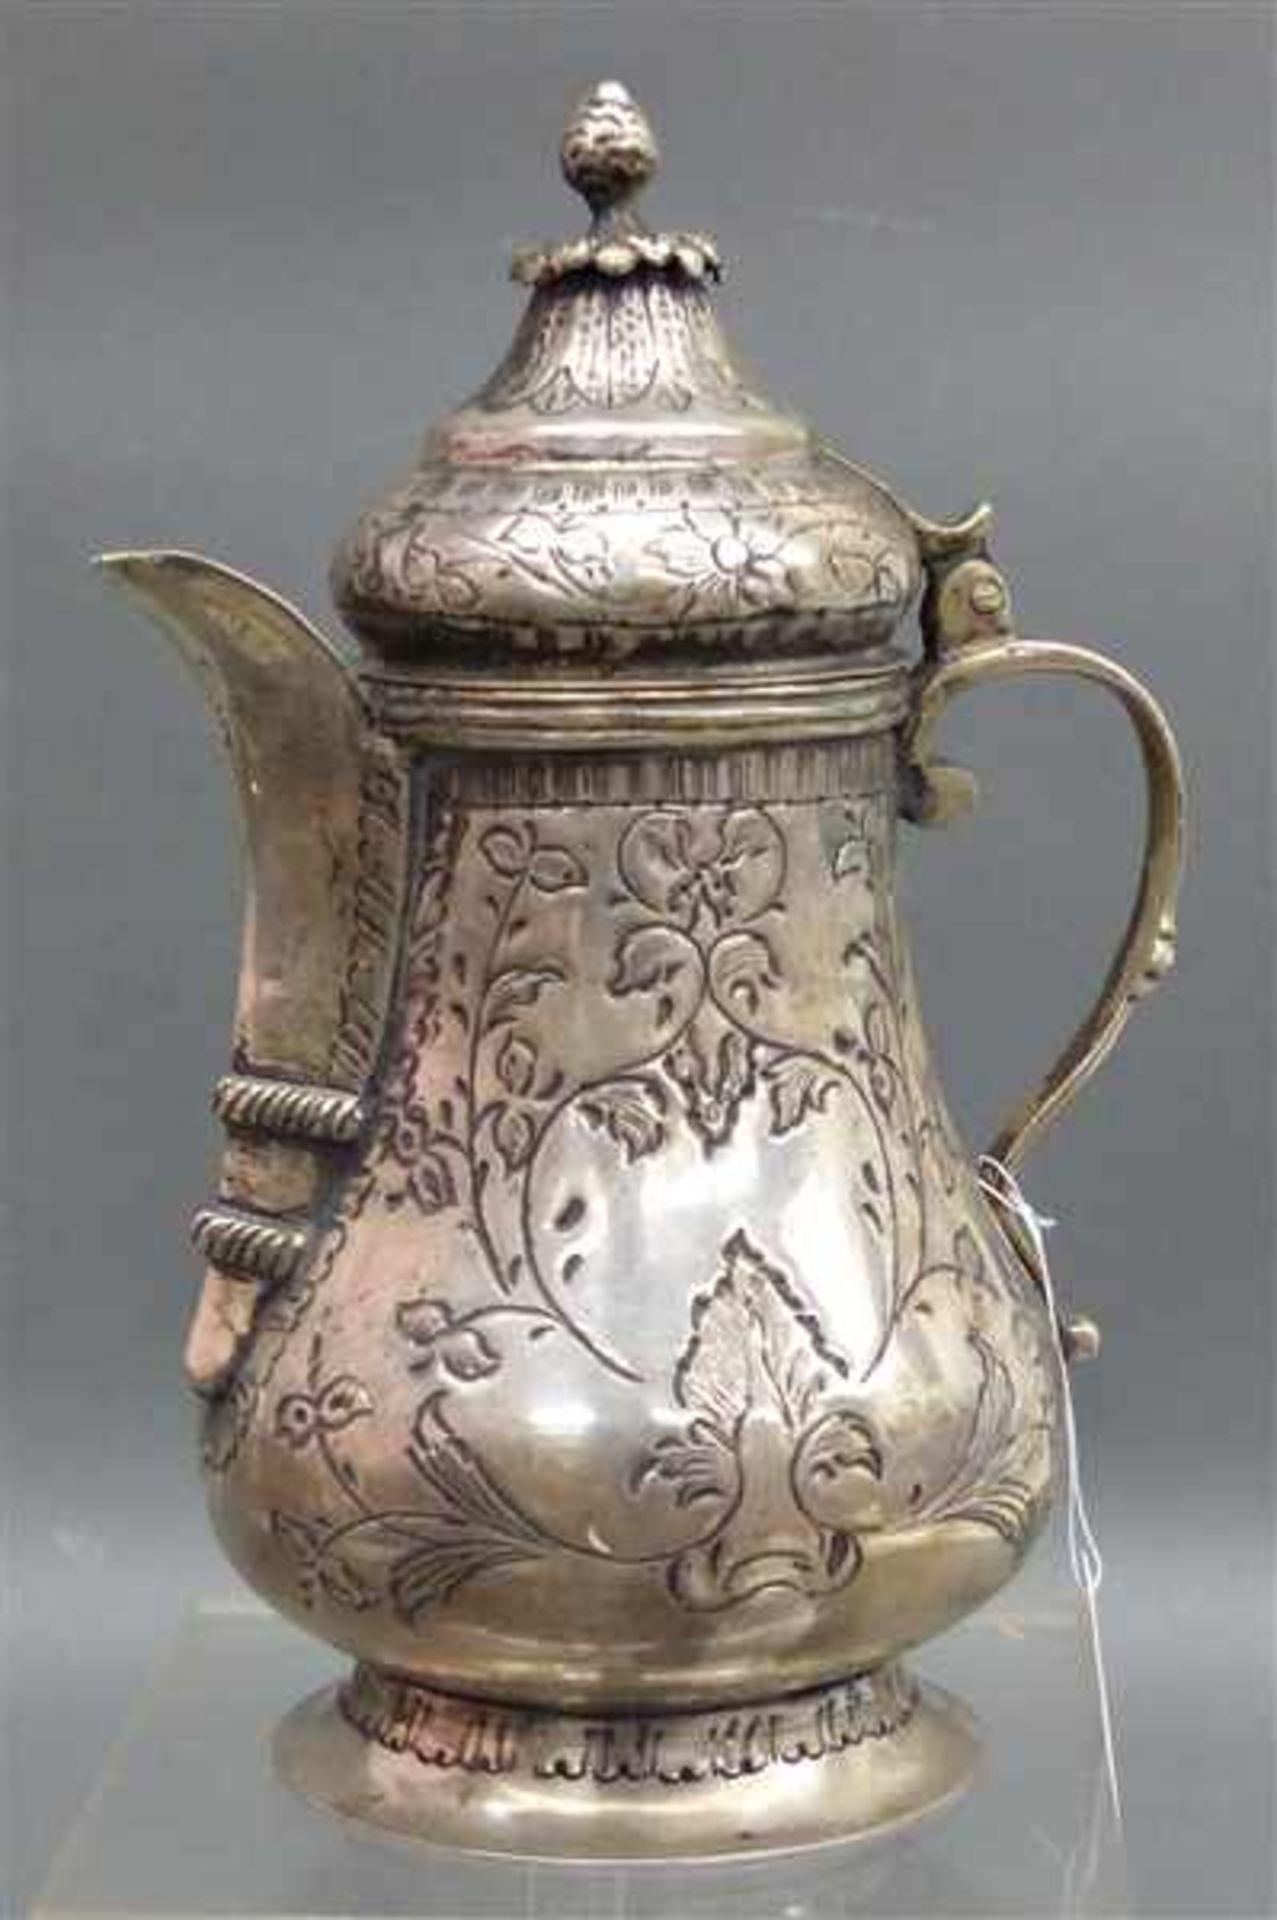 Los 1003 - Silberkännchen wohl persisch, um 1900, h 17 cm, 255 g schwer,